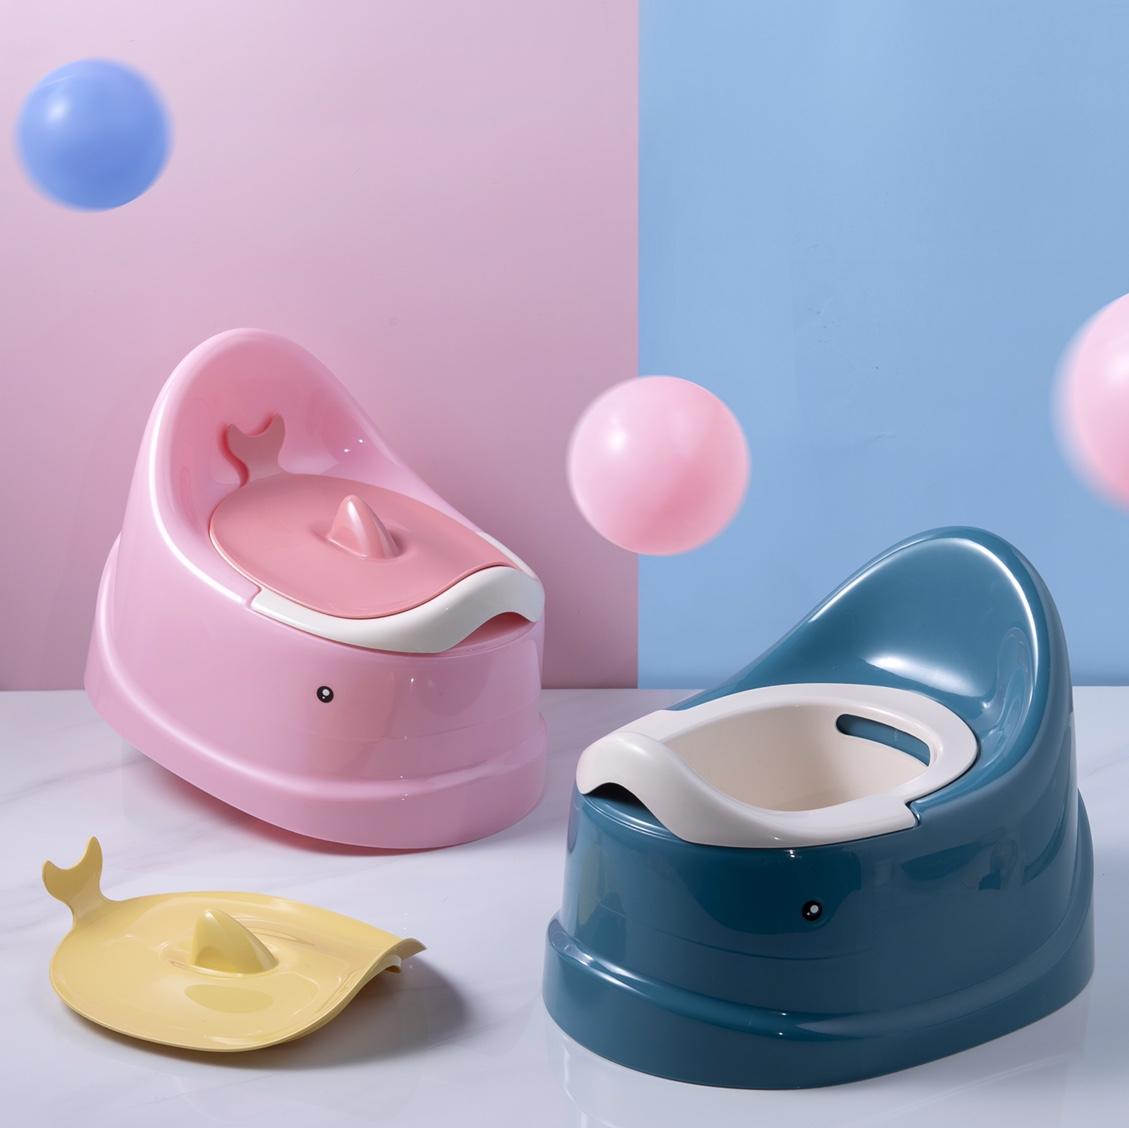 可爱鲸鱼款儿童坐便器男女宝宝1-5岁婴儿便盆婴幼儿小孩马桶新款